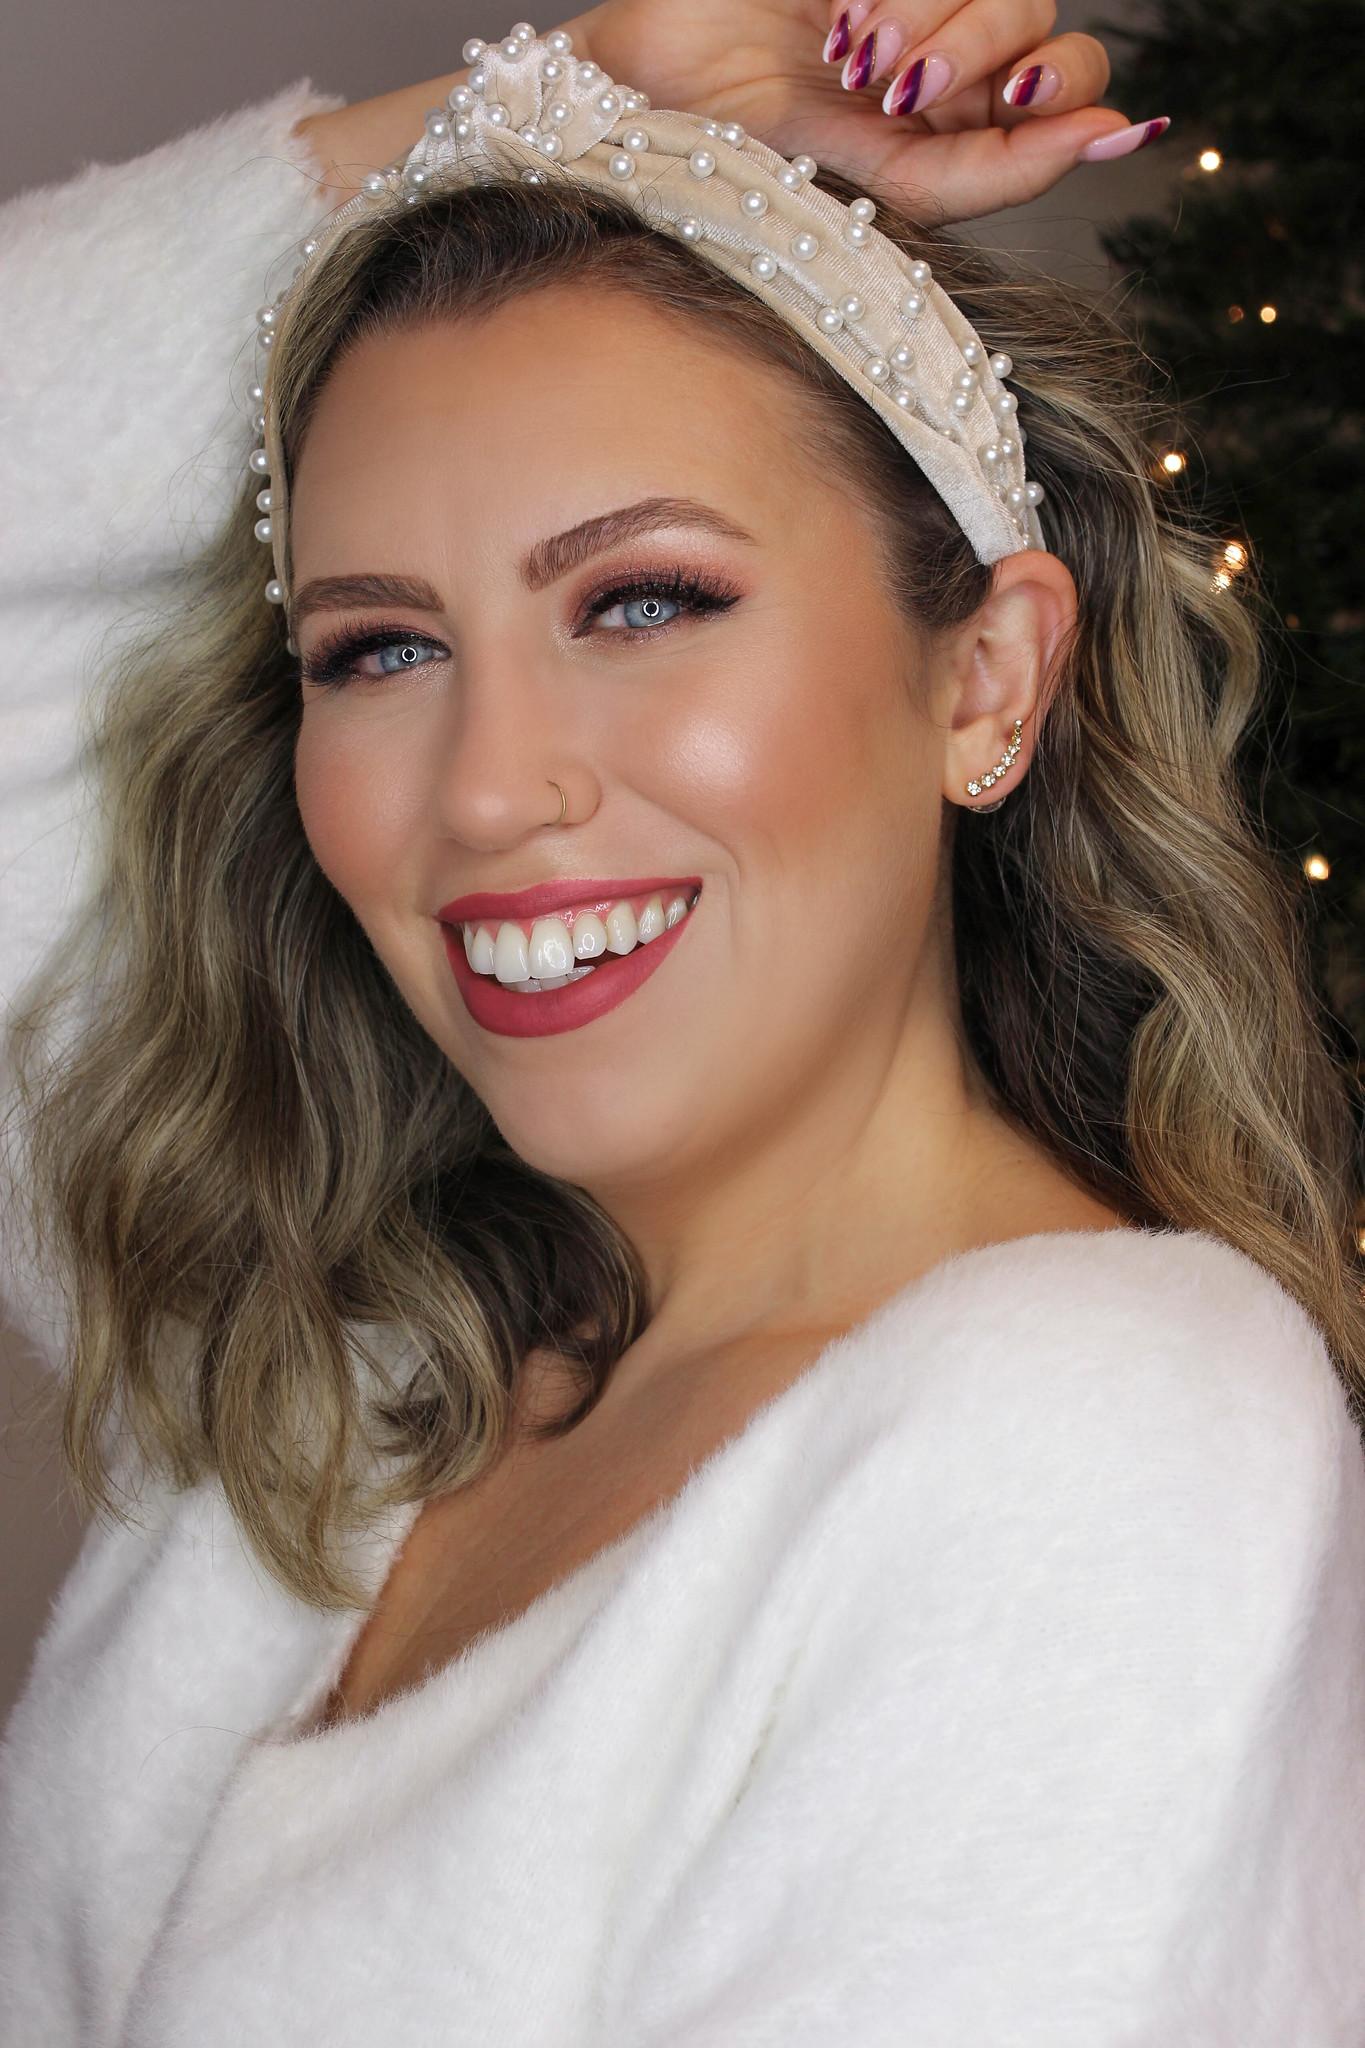 Easy Glam Holiday Makeup Tutorial using bareMinerals, ILIA Beauty & Maven Beauty by FashionNova by Blogger, Jackie Giardina.